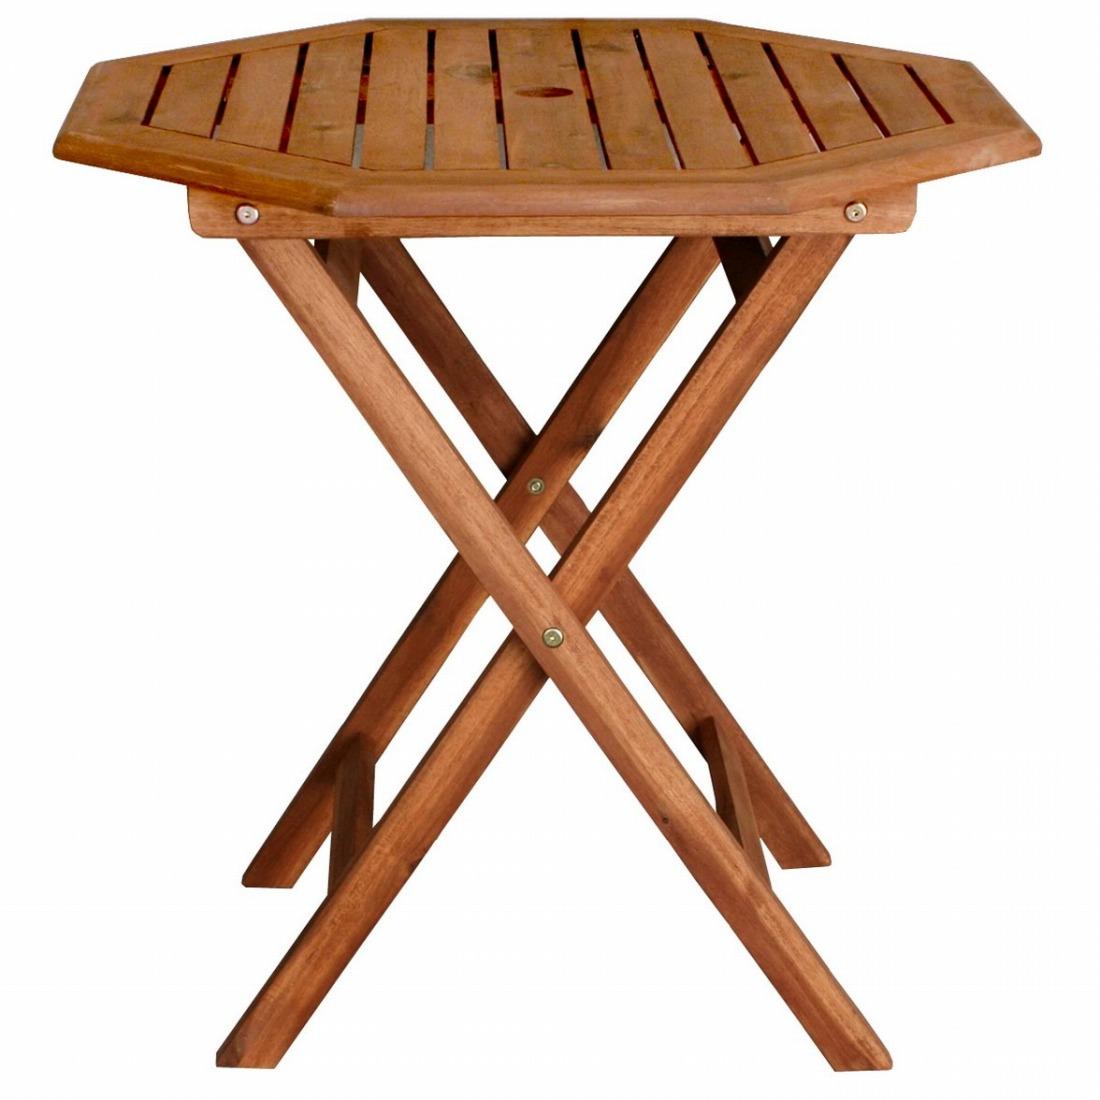 ガーデン八角テーブル幅70 木製 天然木 庭 ベランダ おしゃれ 北欧 ガーデン 屋外 ピクニック キャンプ(代引不可)【送料無料】【int_d11】